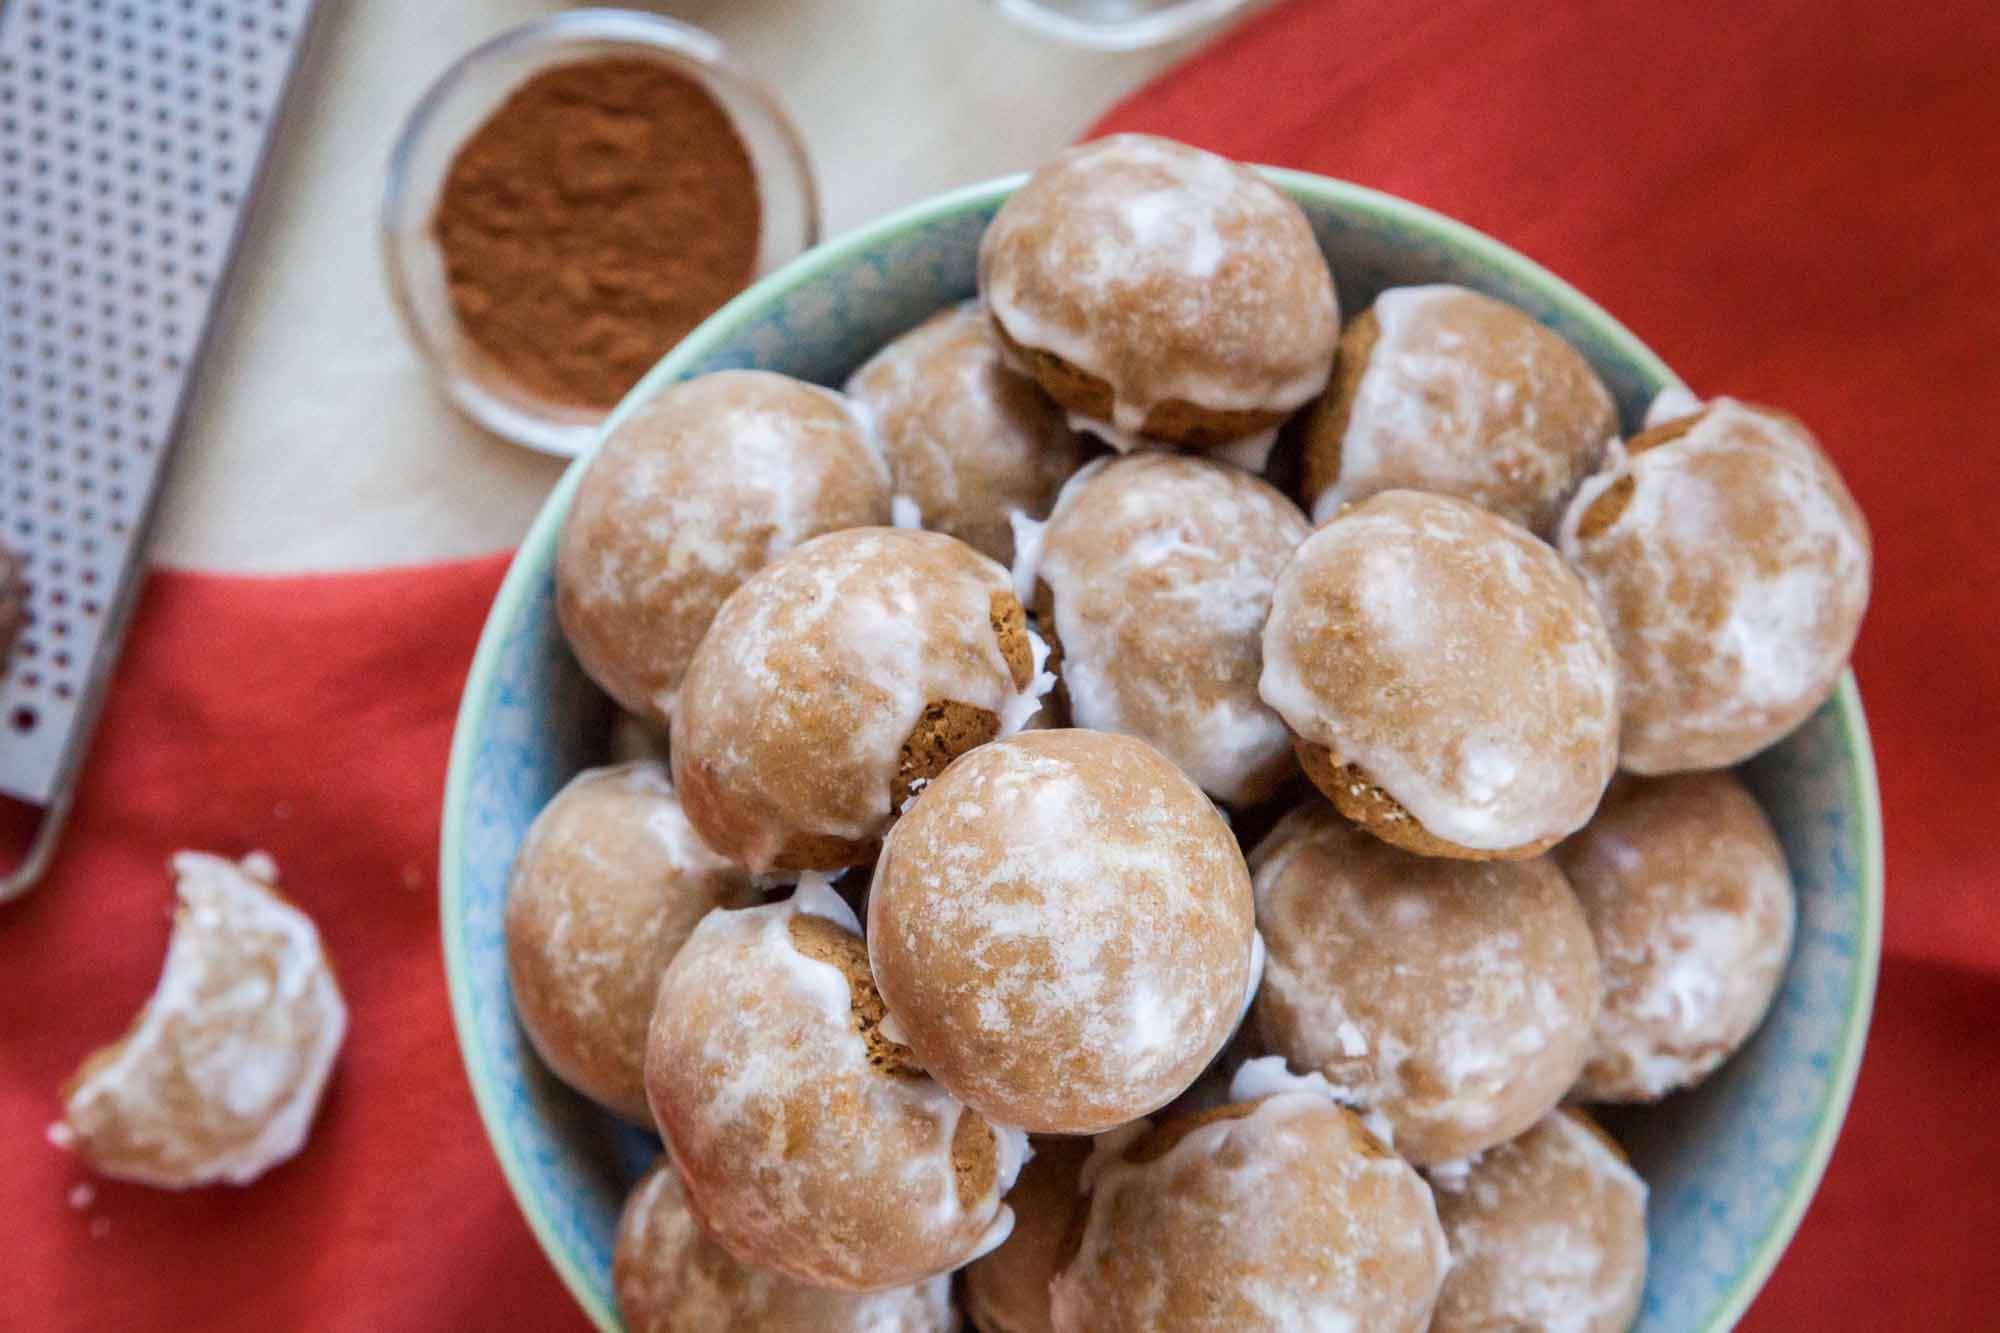 Pfeffernüsse Spice Cookies